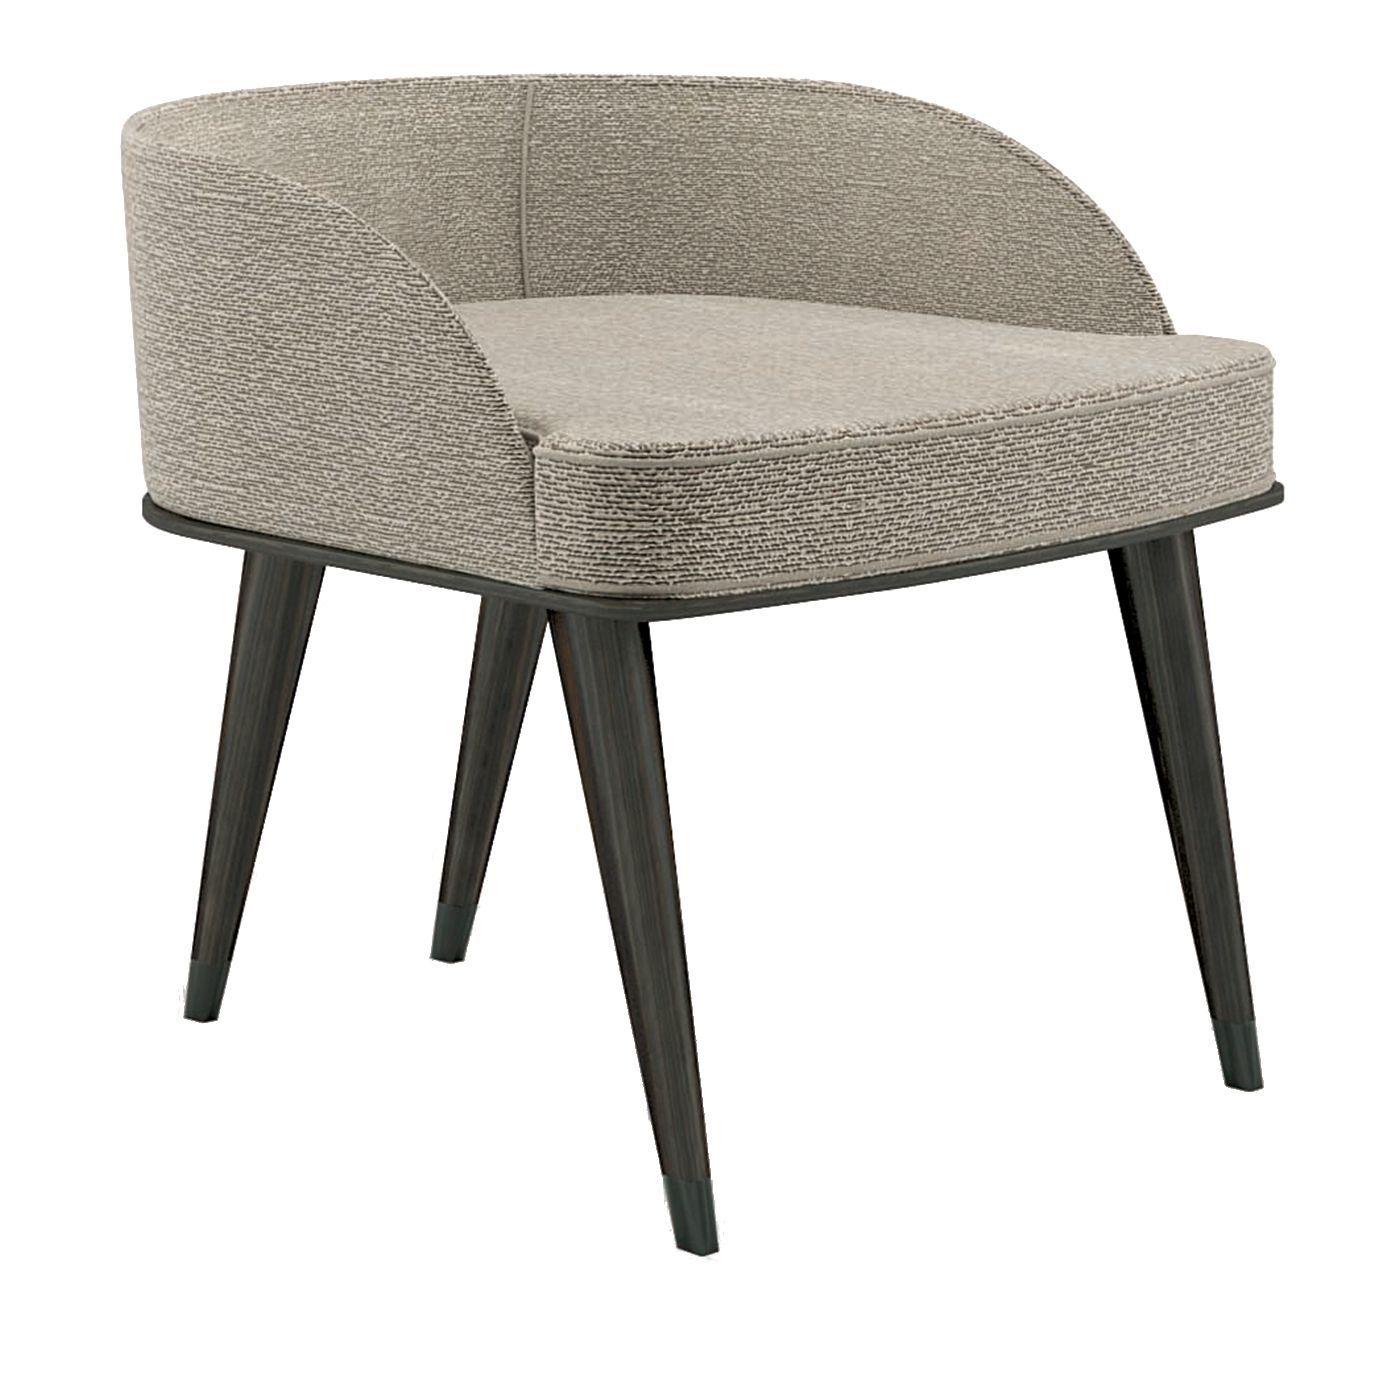 K-Dressing Chair  Orsi #SofaChair  Dressing chair, Furniture